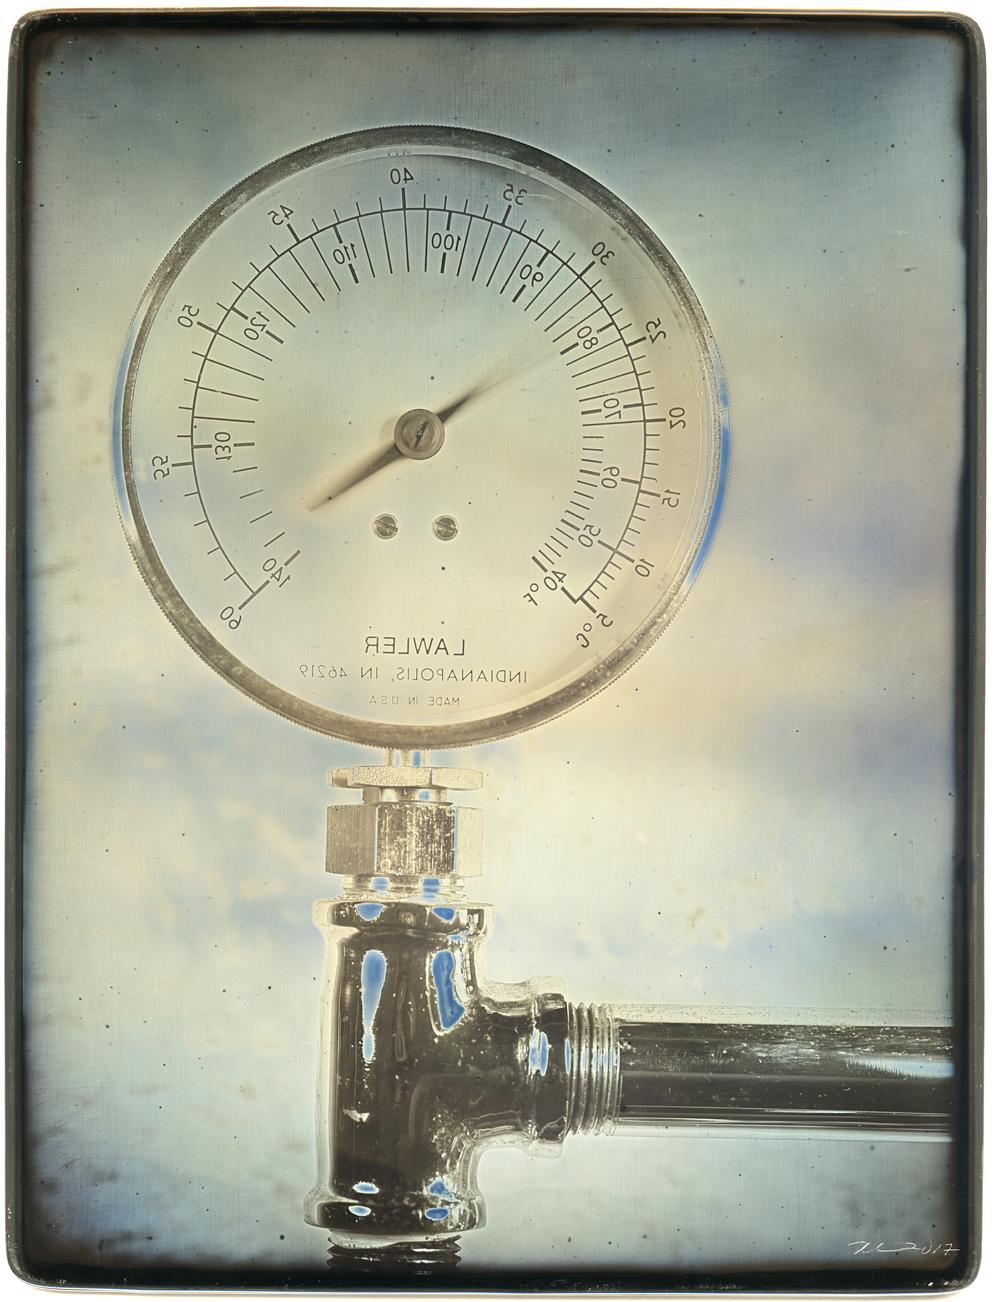 Daniel Carrillo, The Burnses' Valve, 2017, daguerreotype. 8.5 x 6.5 inches, framed, $3000.